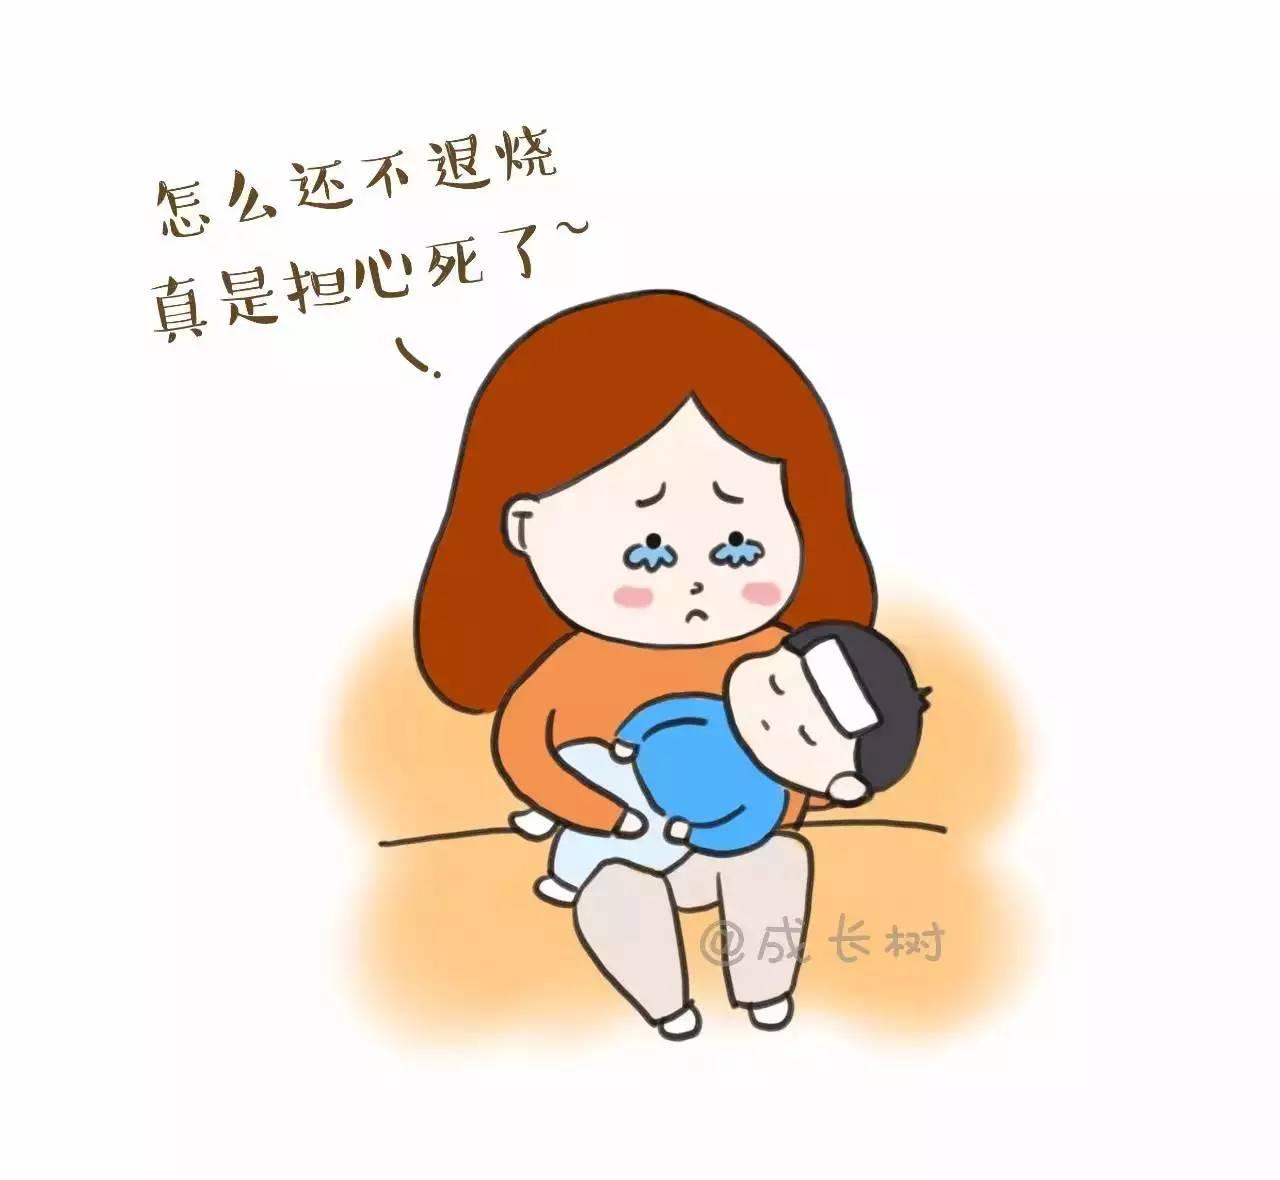 动漫 卡通 漫画 头像 1280_1180